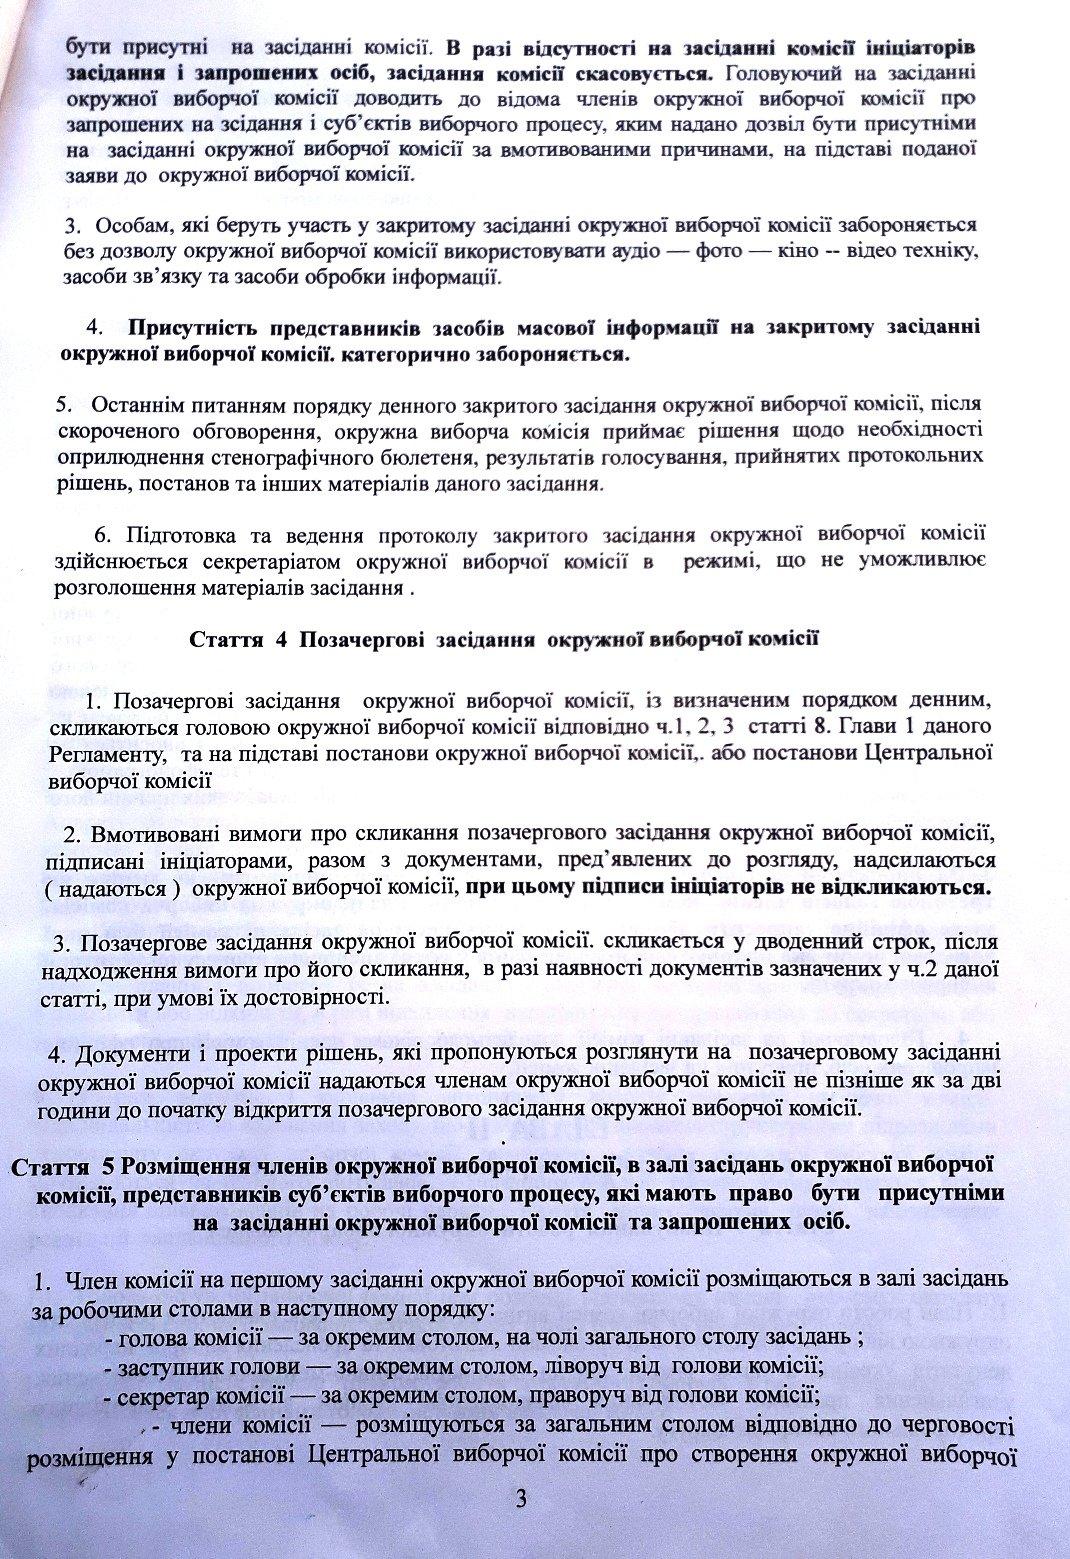 ОВК № 131 затвердила регламент роботи, який суперечить законодавству - ОПОРА, фото-2